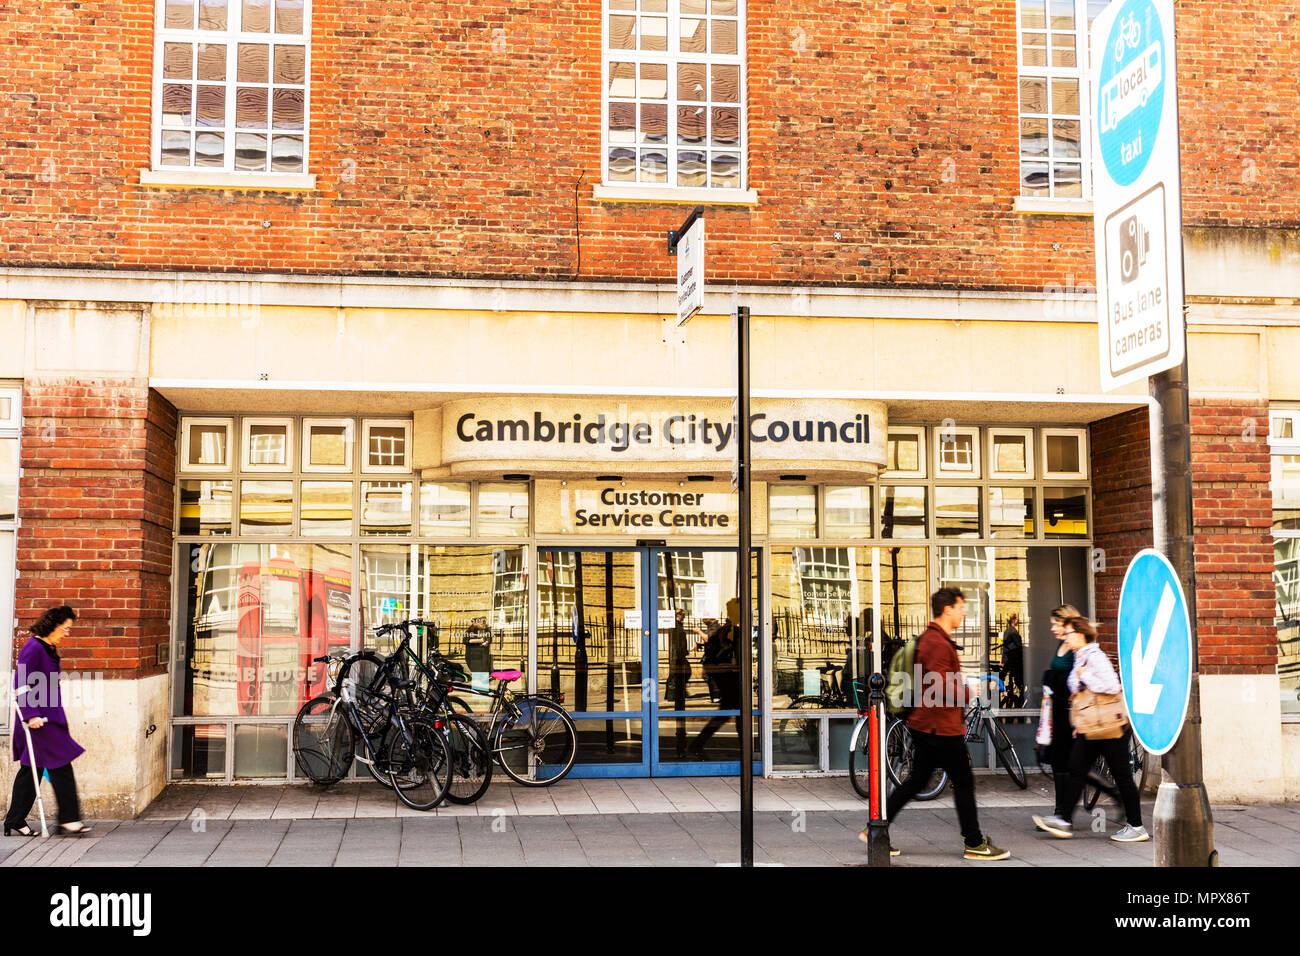 Cambridge City Council building, customer service centre, Cambridge City Council sign, Cambridge City Council UK, Cambridge, City, Council,UK England Stock Photo